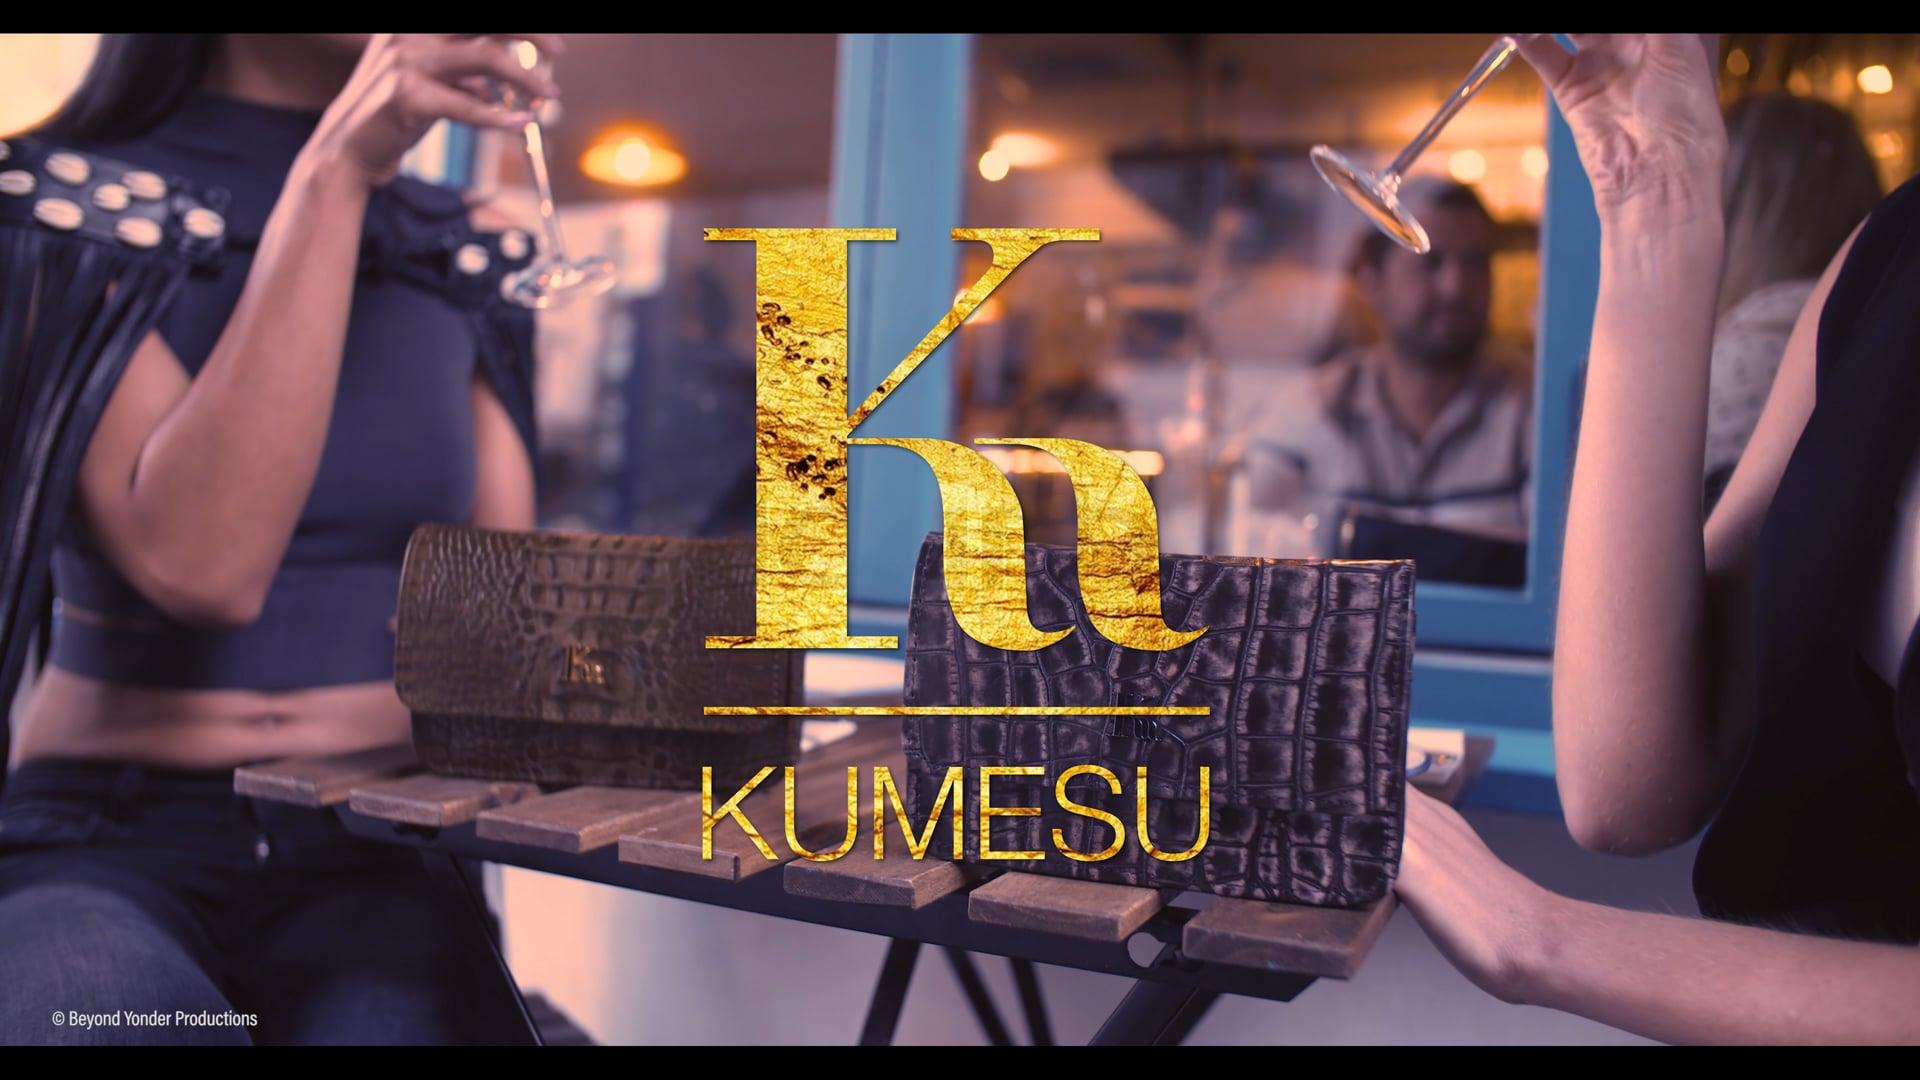 Director's Cut - Kumesu SS19 'When Art meets Fashion'